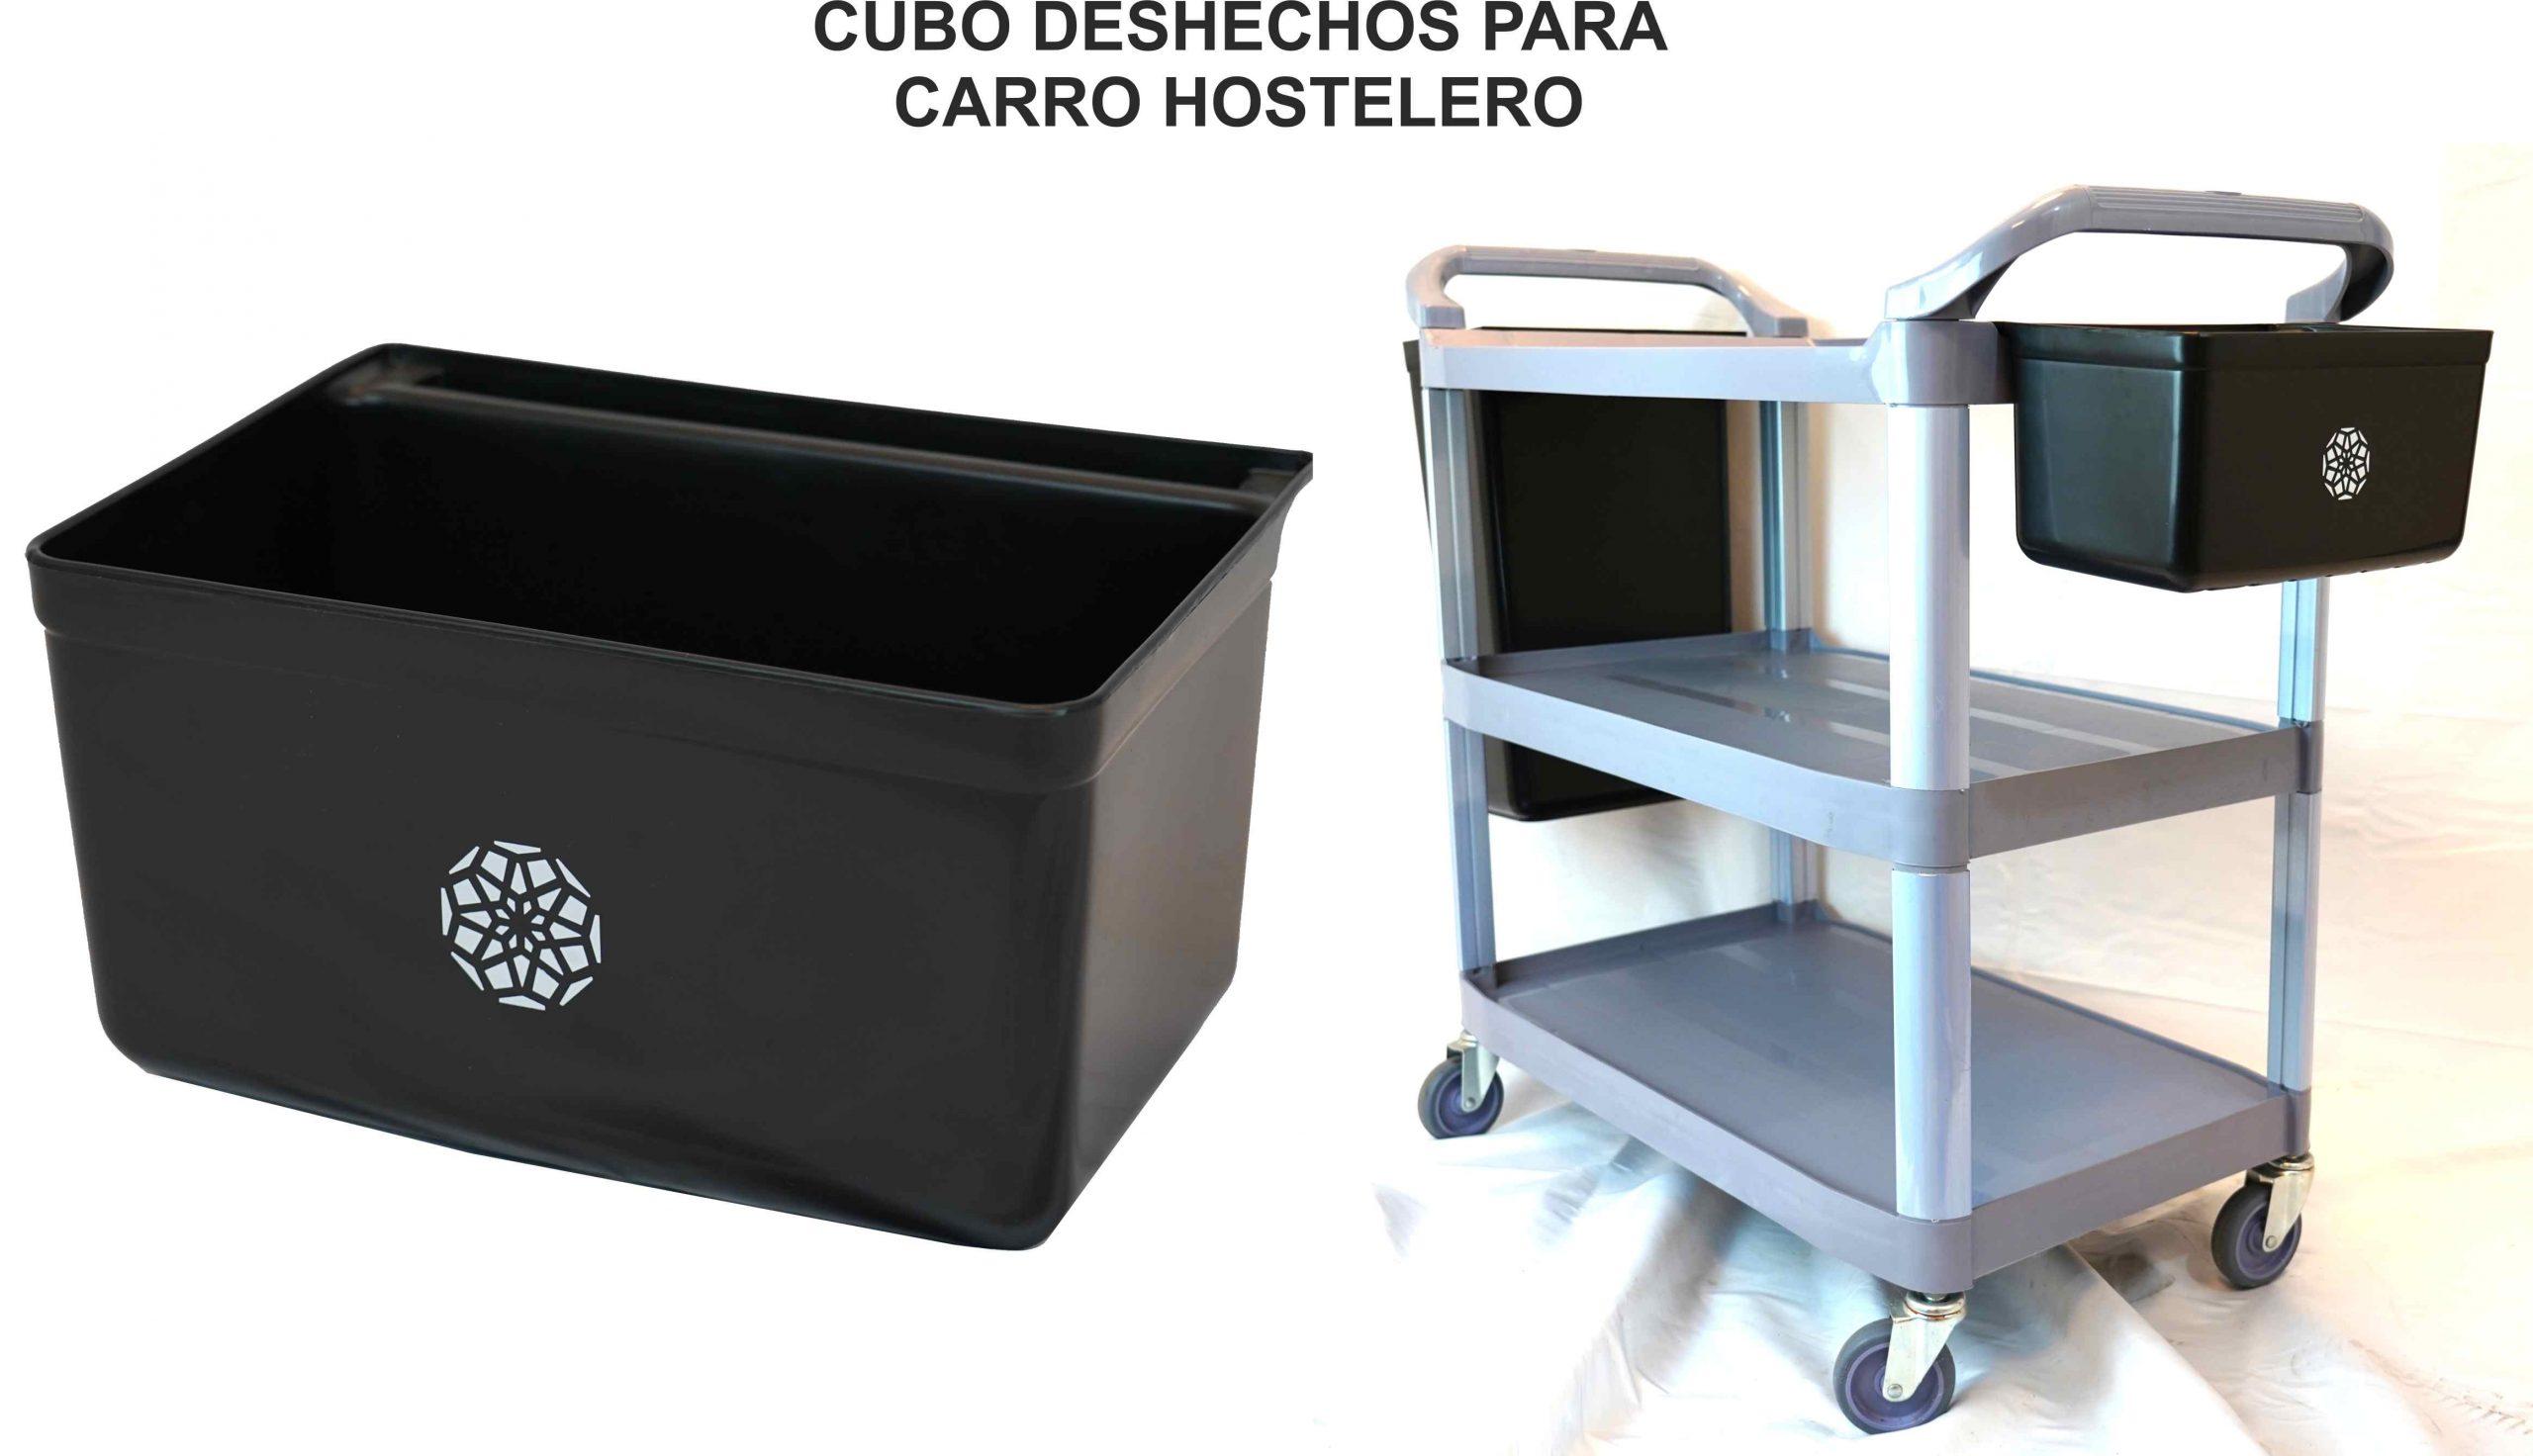 CUBO CUBIERTOS 33X23X17.5 PARA CARRO HOSTELERO